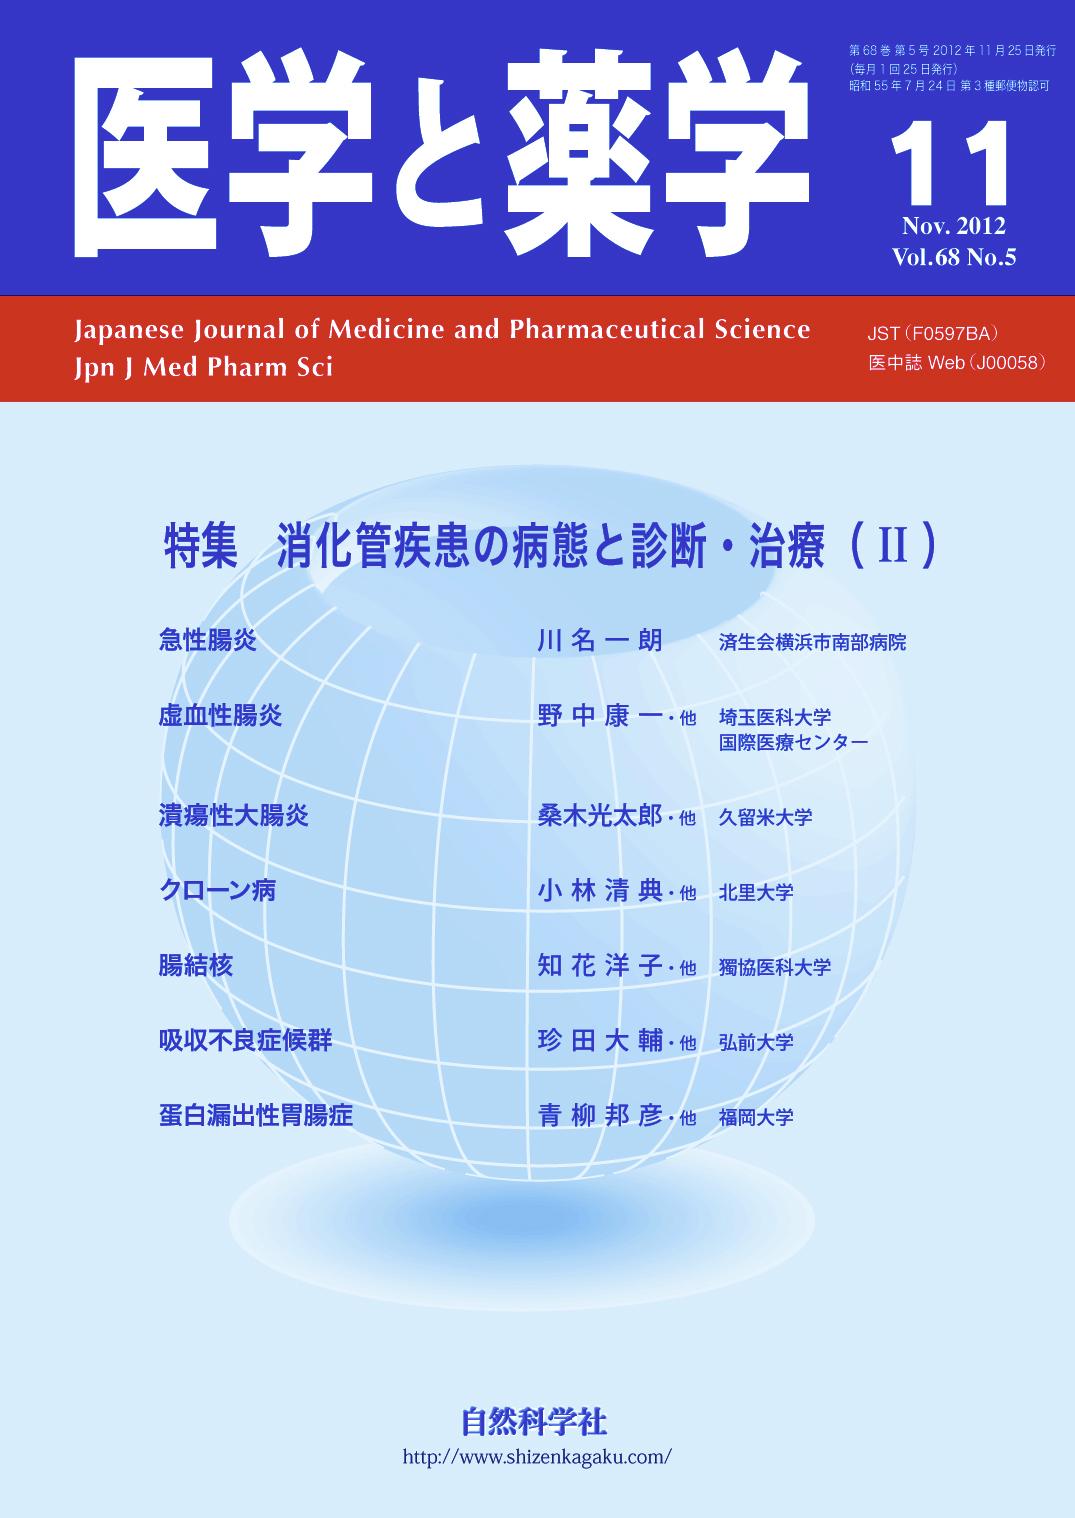 医学と薬学 68巻5号2012年11月